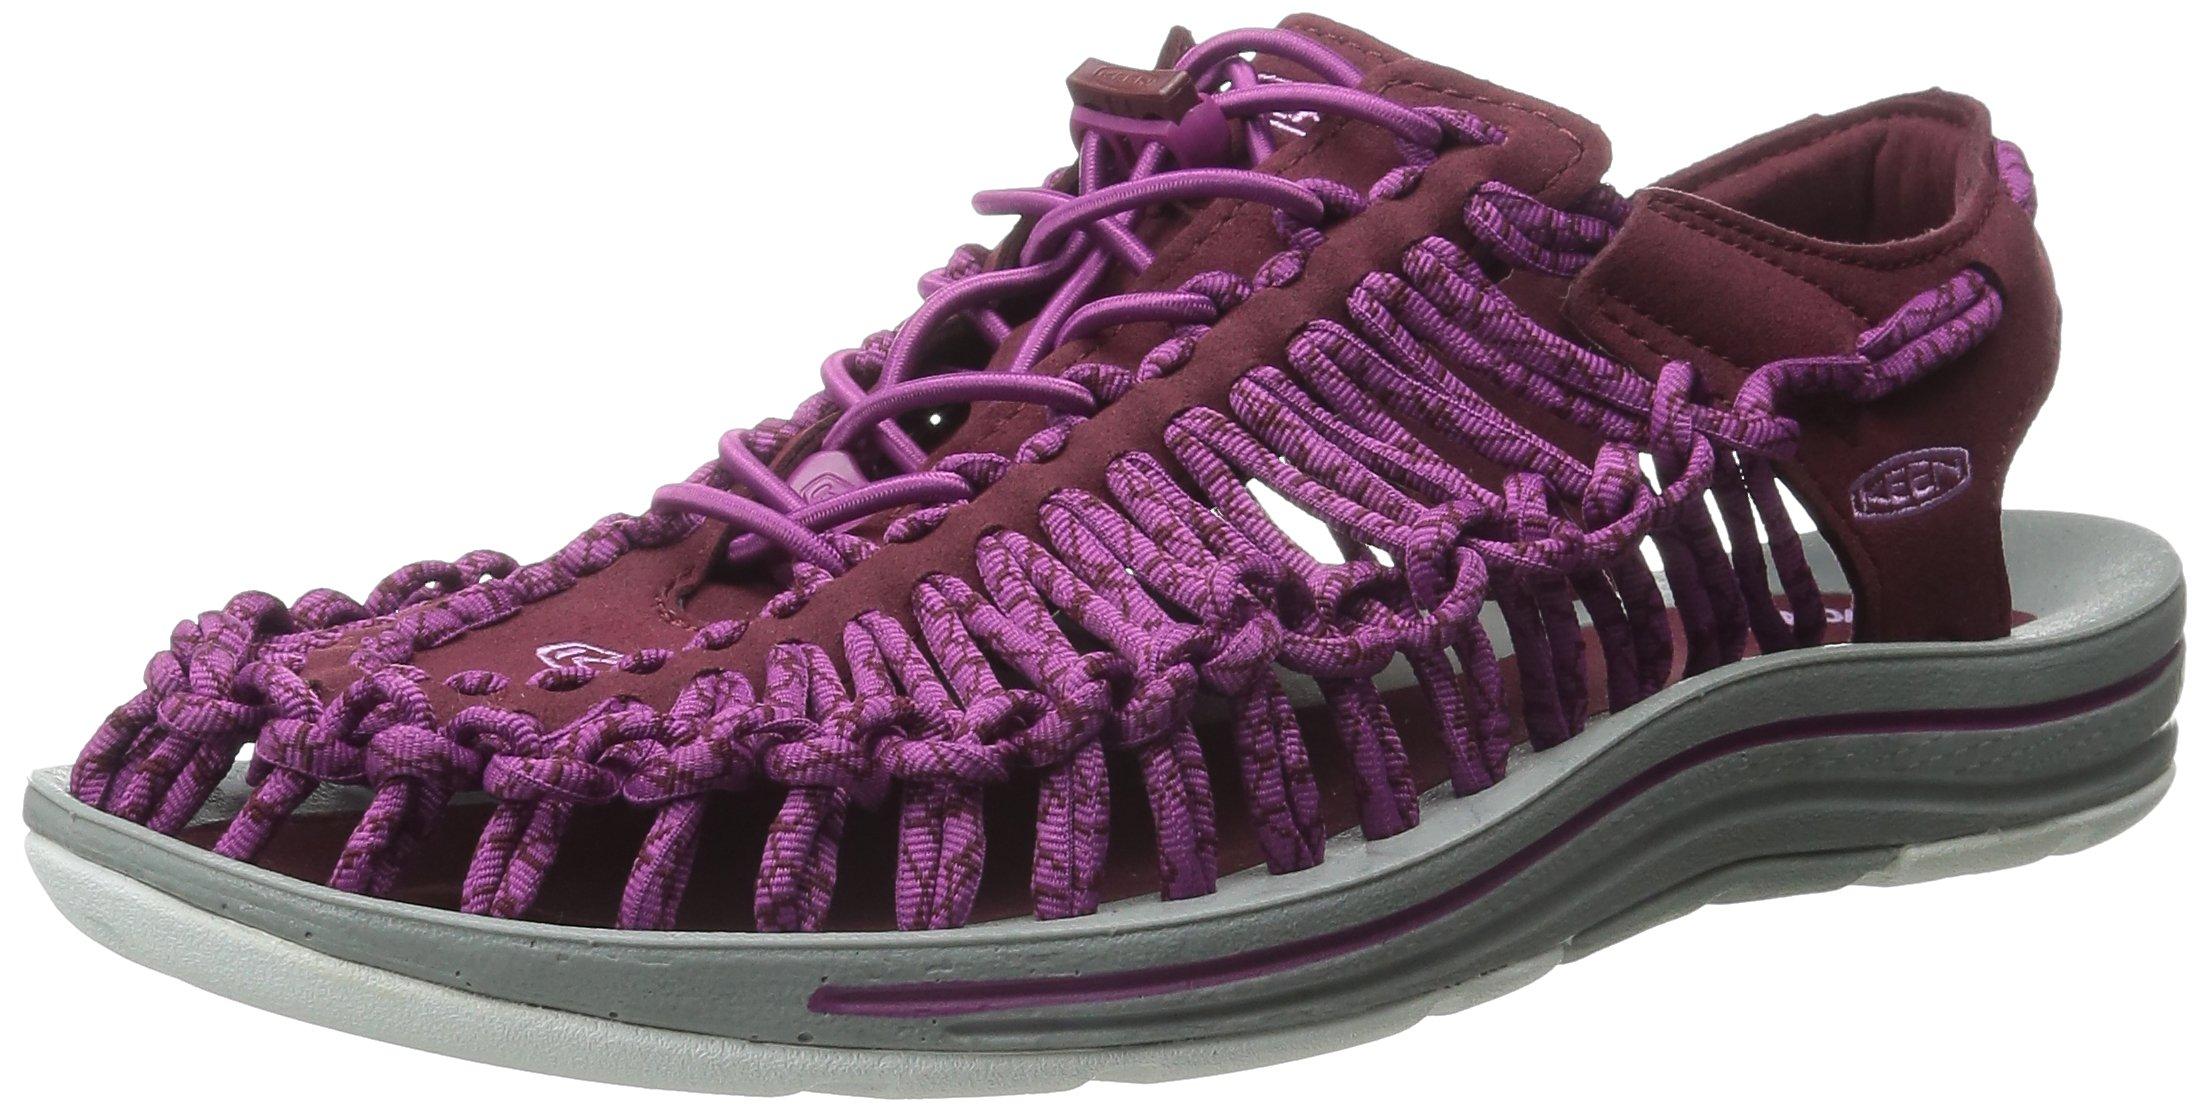 KEEN Women's Uneek Sandal, Zinfandel/Purple Wine, 5 M US